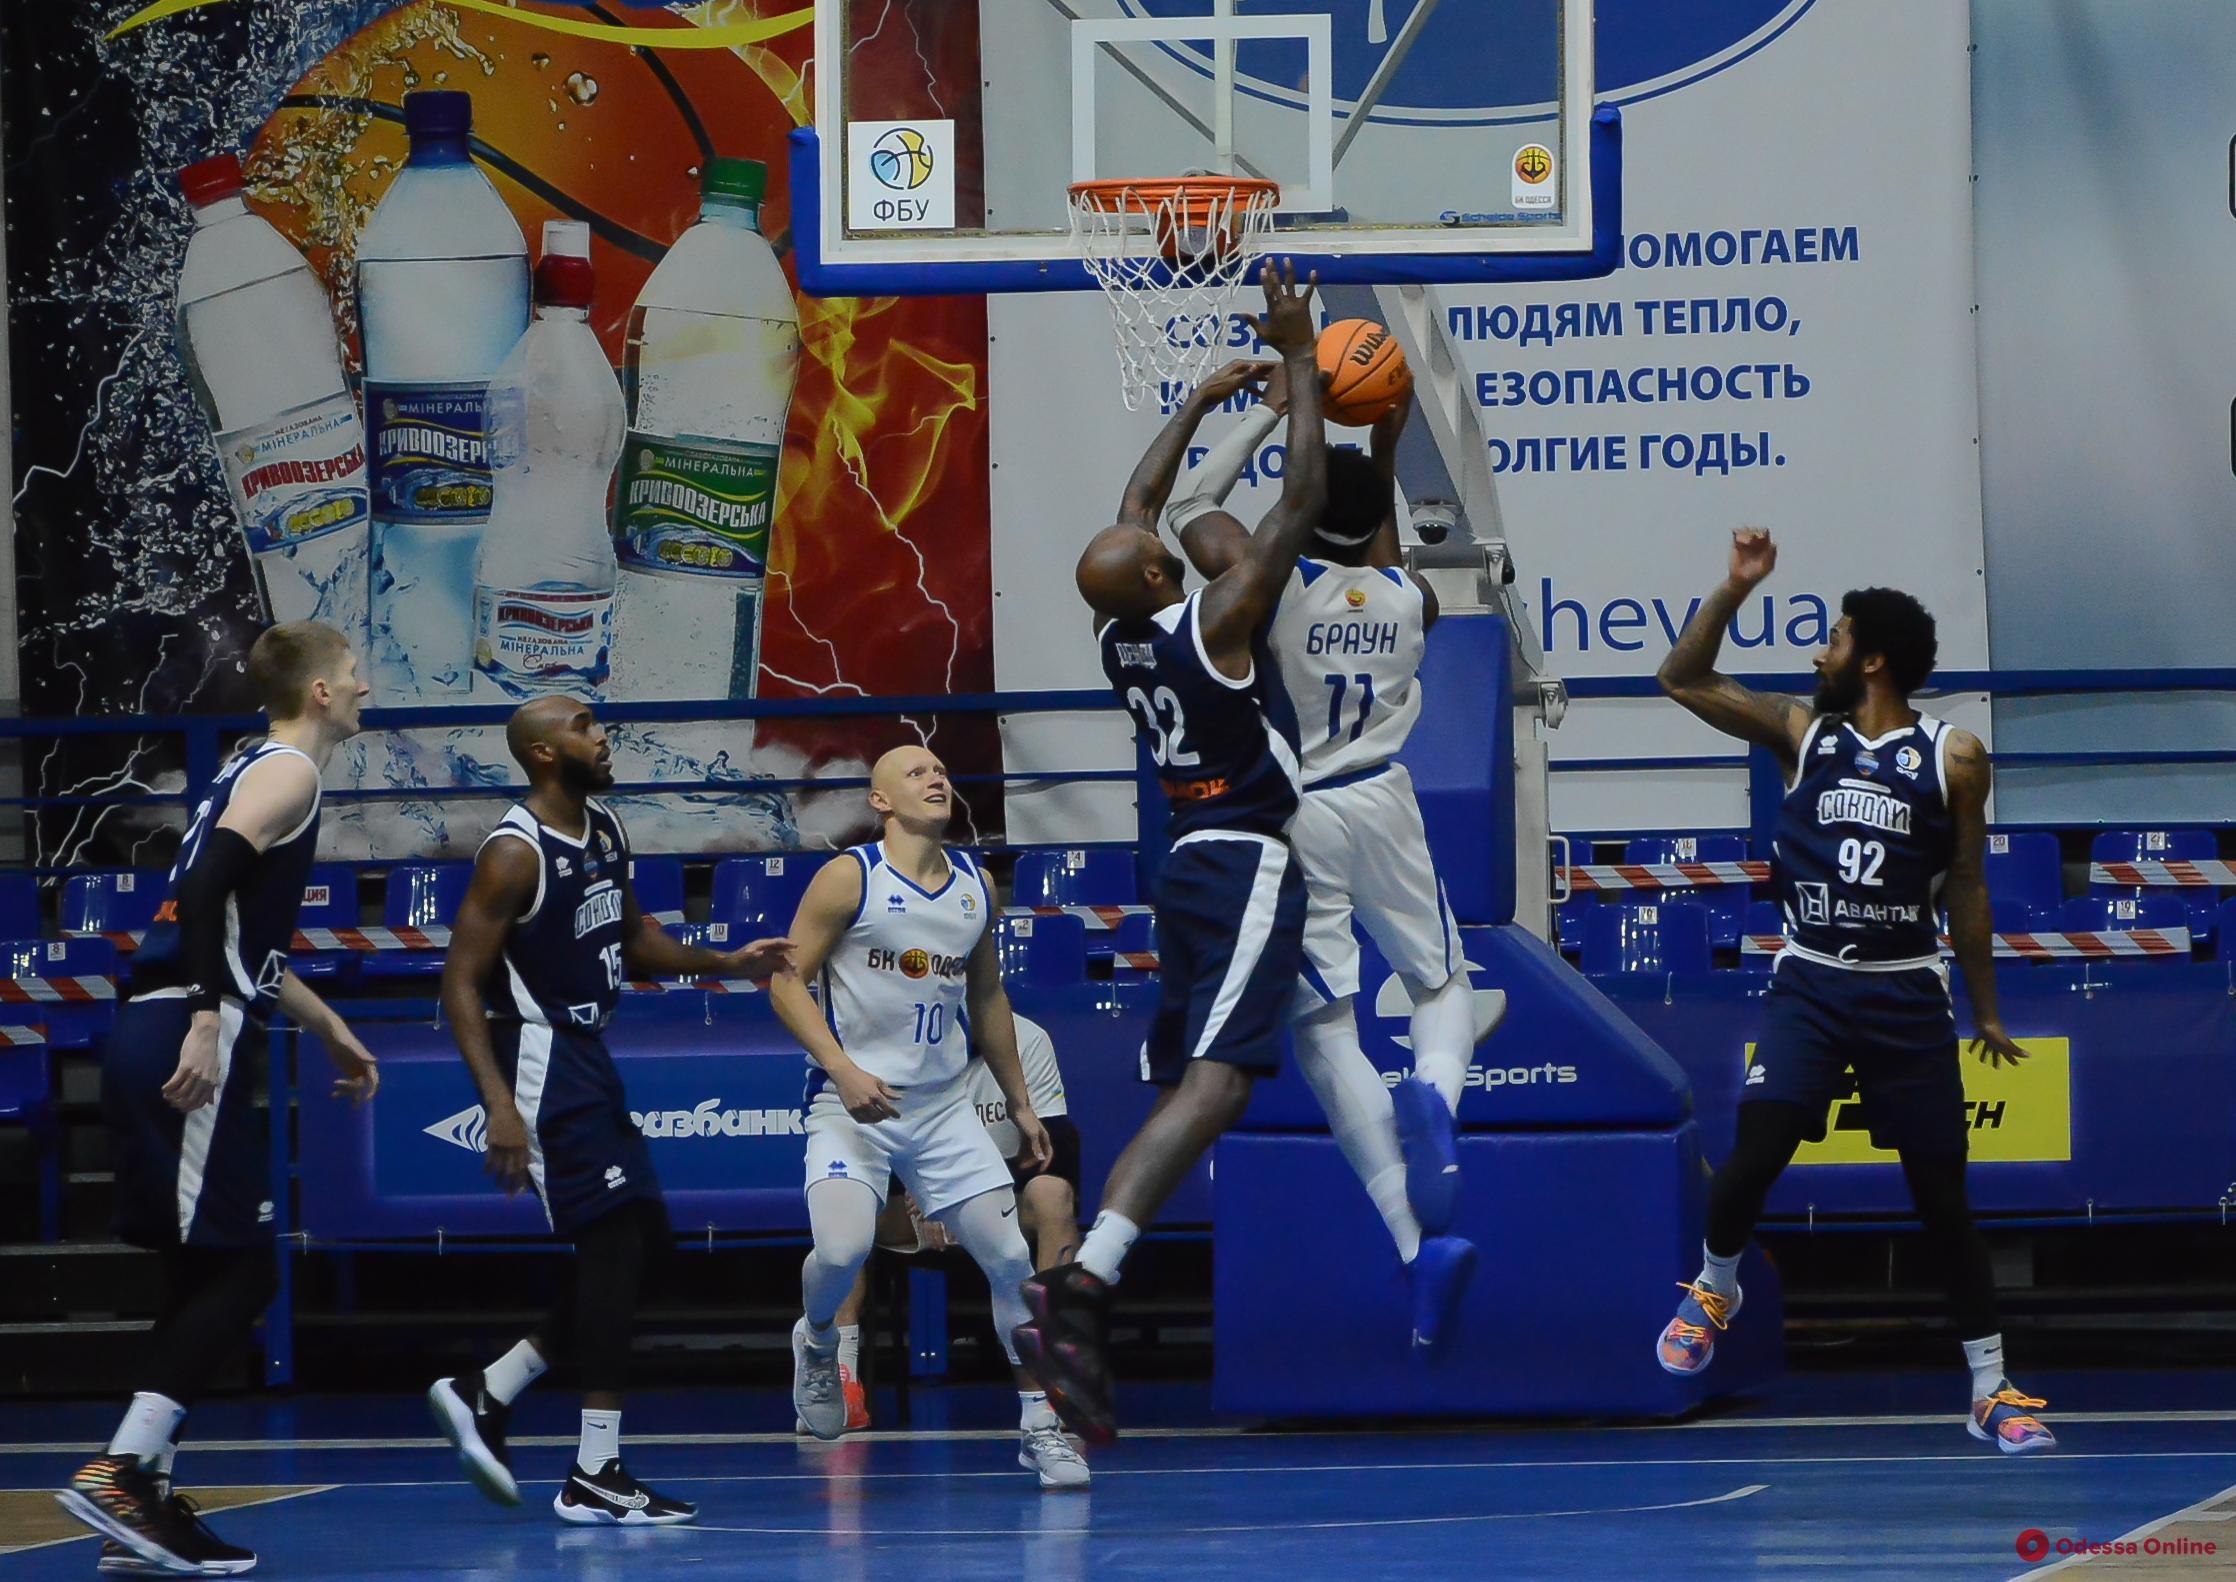 Баскетбол: «Одесса» проиграла свой самый результативный матч в сезоне